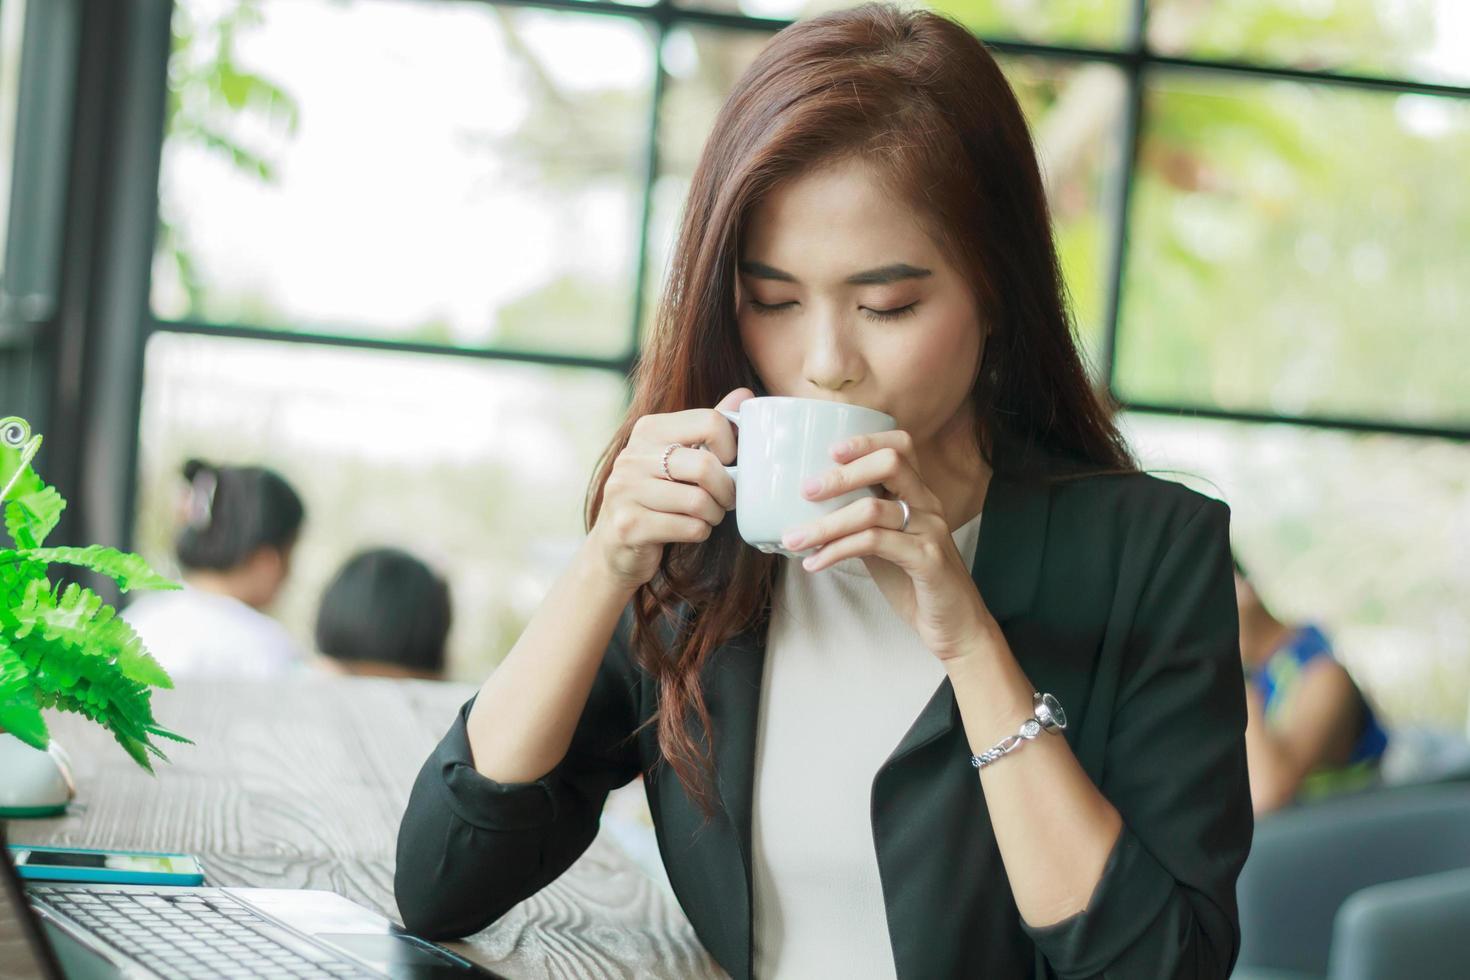 donna asiatica di affari che beve caffè foto